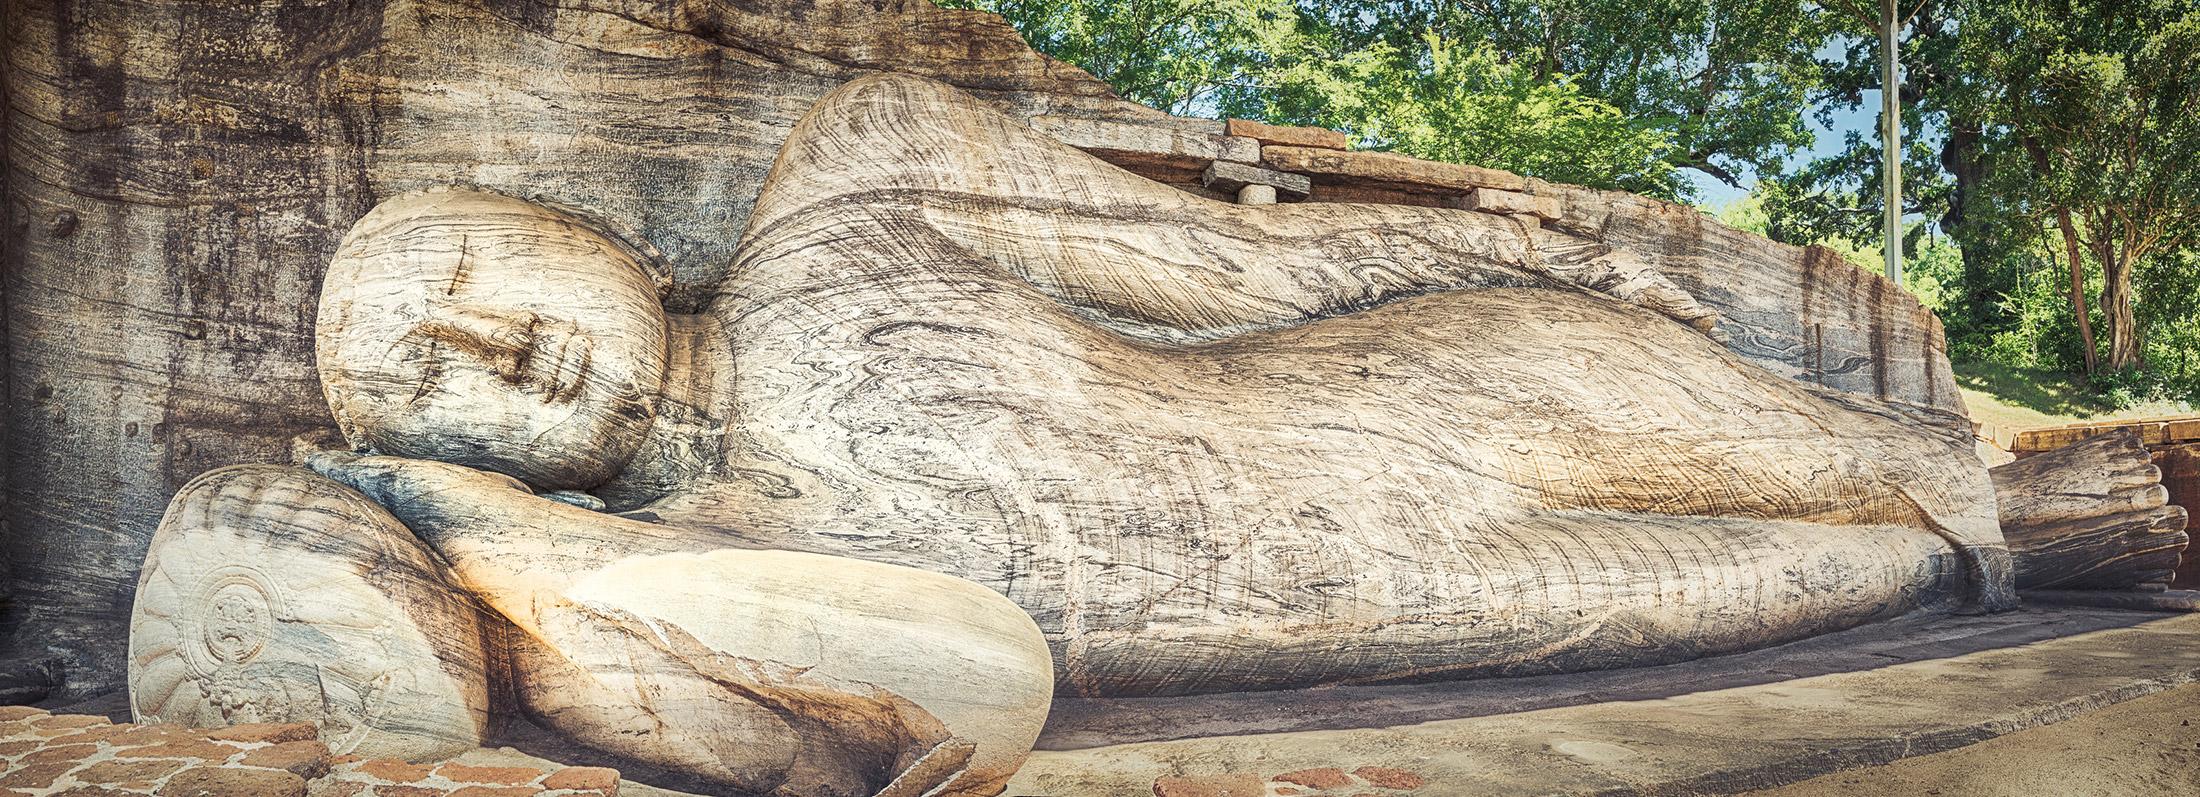 Eines der Highlights des archäologischen Parks von Polonnaruwa